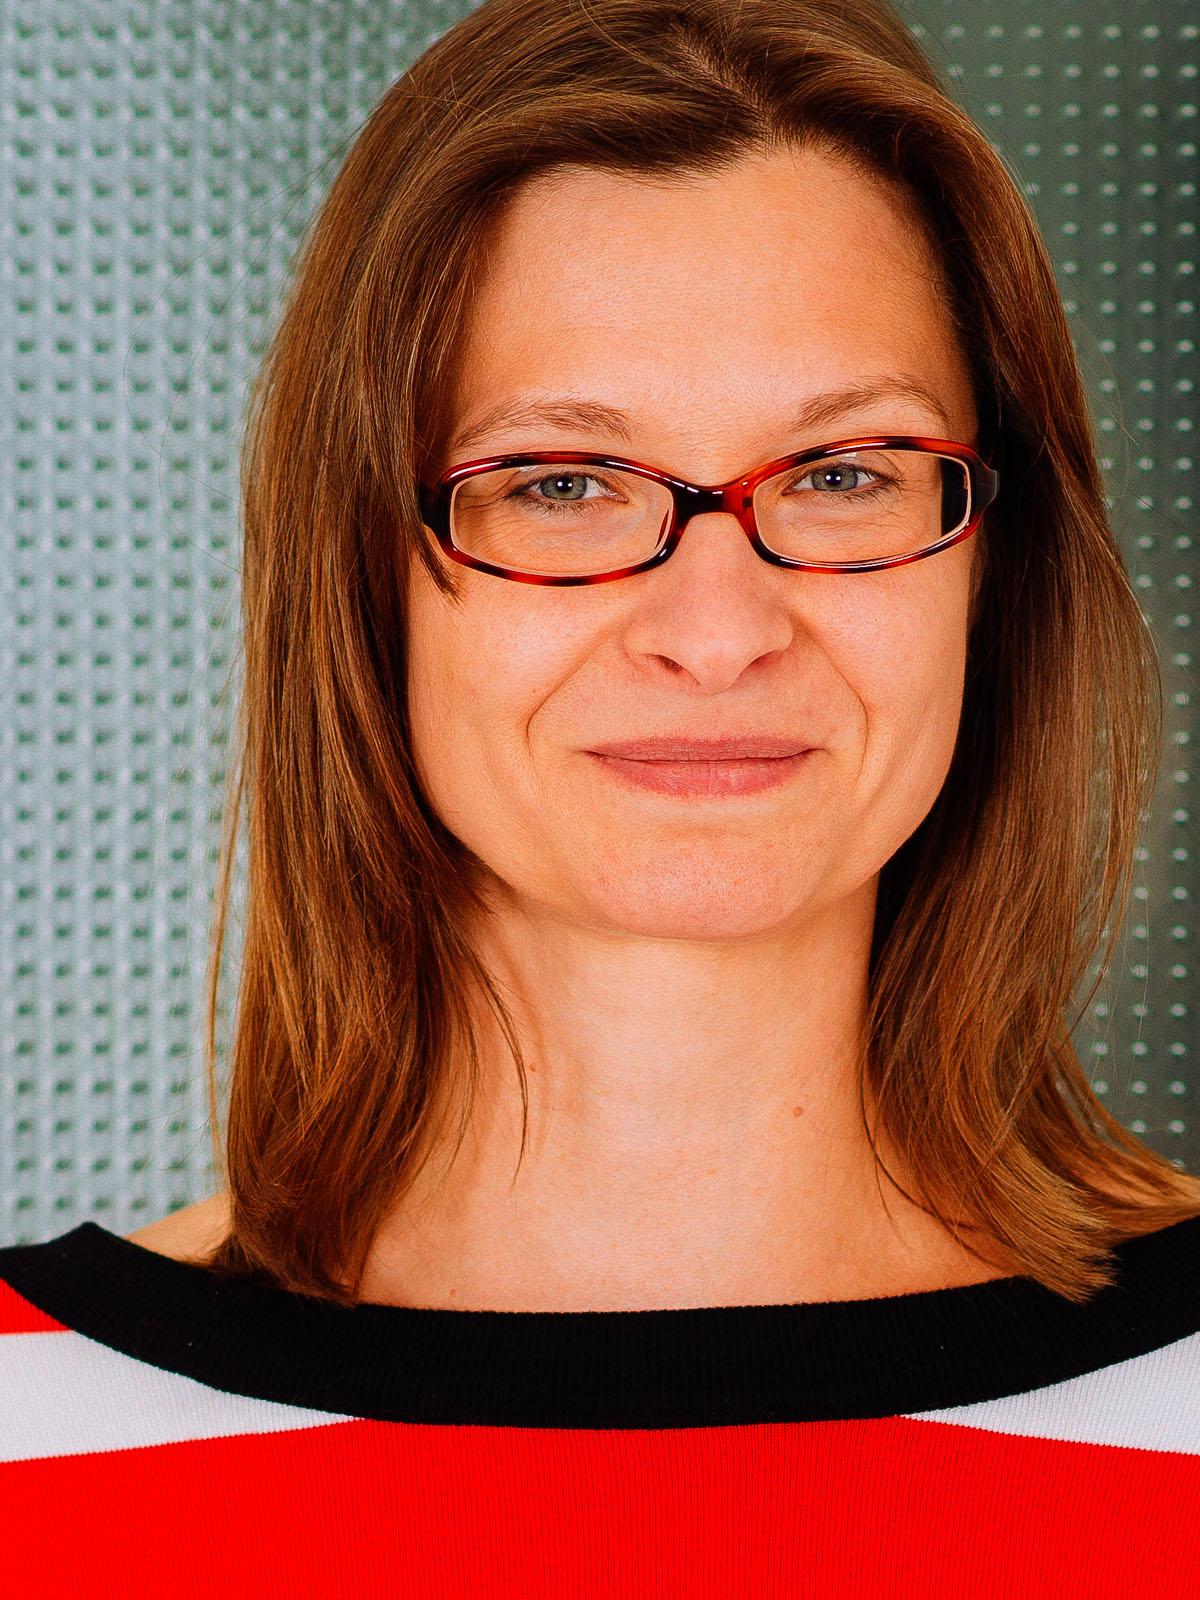 Andrea Patzer